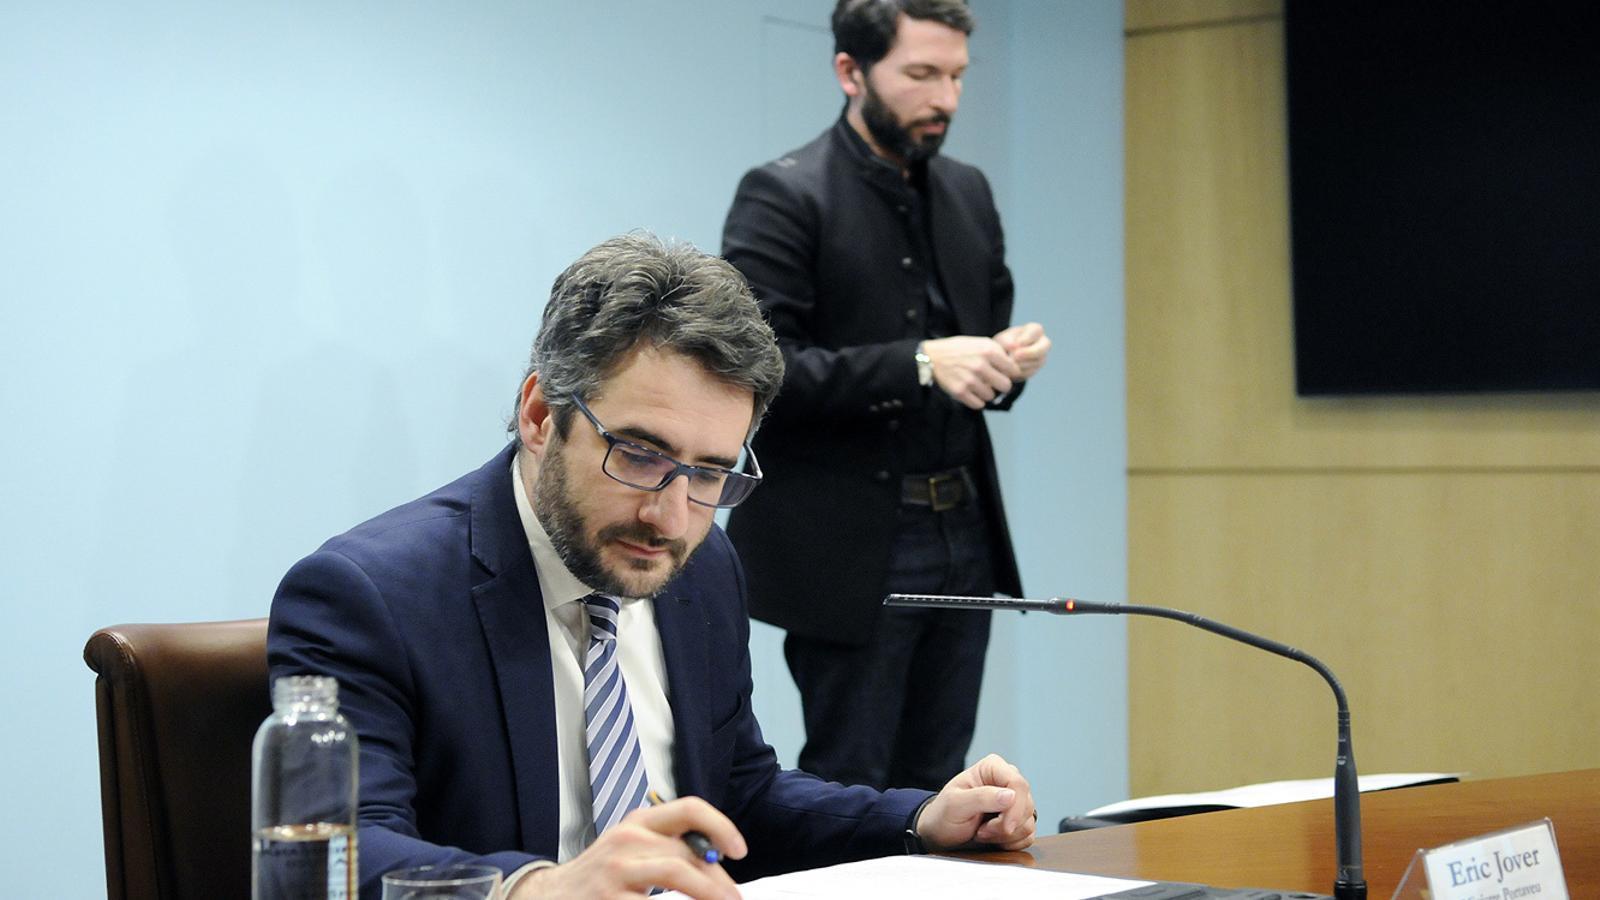 El ministre portaveu, Eric Jover, en la roda de premsa d'aquest divendres al vespre. / SFG